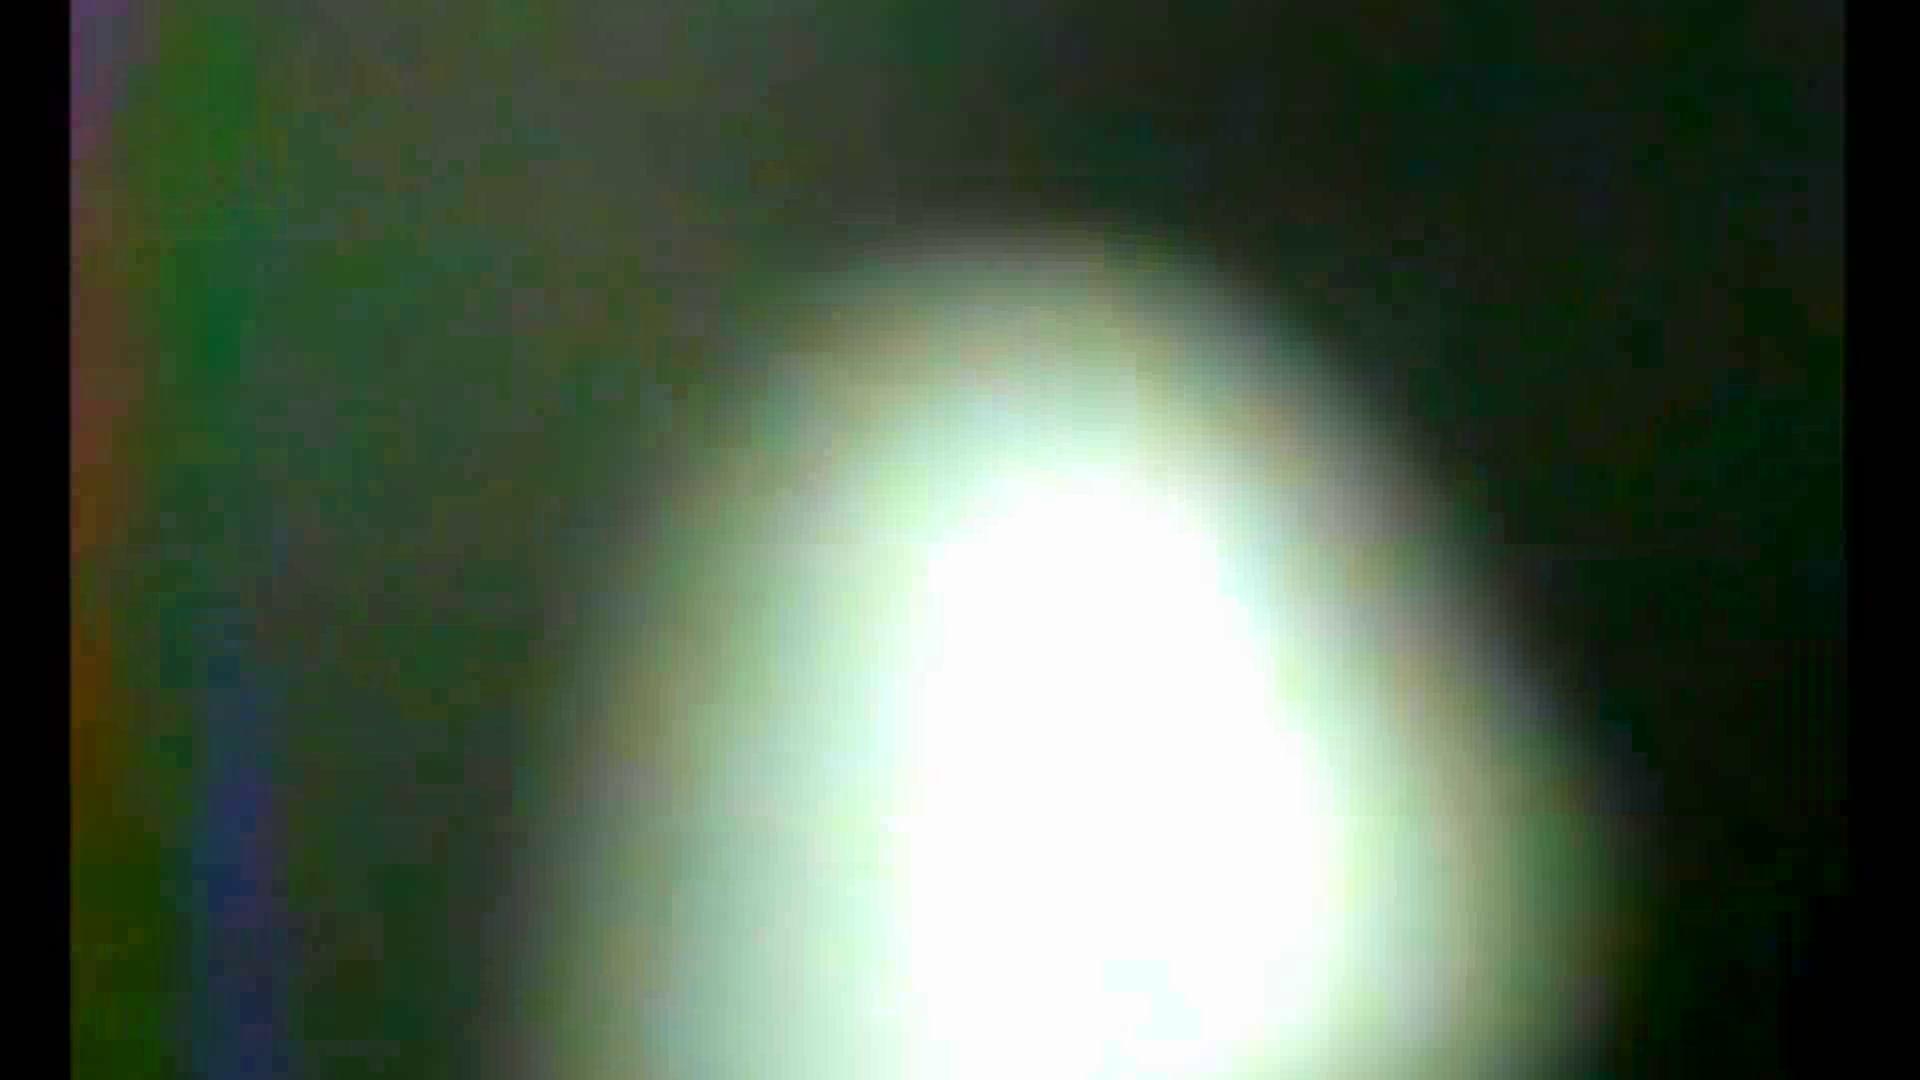 イケメンの素顔in洗面所 Vol.14 男天国 | イケメンのsex  102pic 67